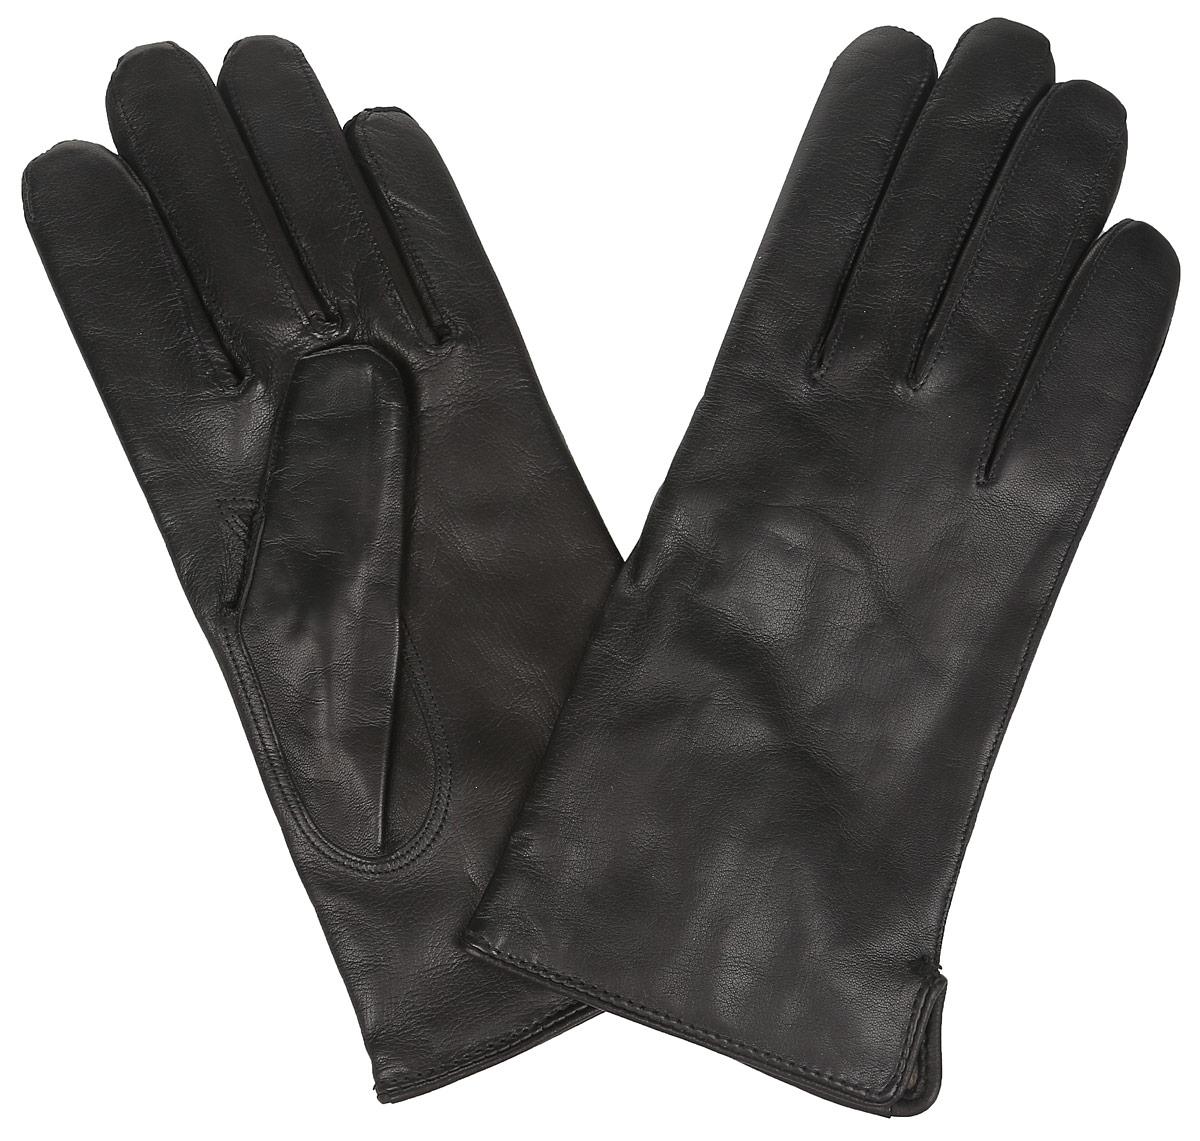 Перчатки мужские. DM12-234-0DM12-234-0Классические мужские перчатки Bartoc не только защитят ваши руки, но и станут великолепным украшением. Они выполнены из мягкой и приятной на ощупь натуральной кожи ягненка, а их подкладка - из натуральной шерсти. На внешнем боку перчатки имеется небольшой разрез. Перчатки прекрасно дополнят образ любого мужчины и сделают его более стильным, придав тонкую нотку брутальности. Создайте элегантный образ и подчеркните свою яркую индивидуальность новым аксессуаром!